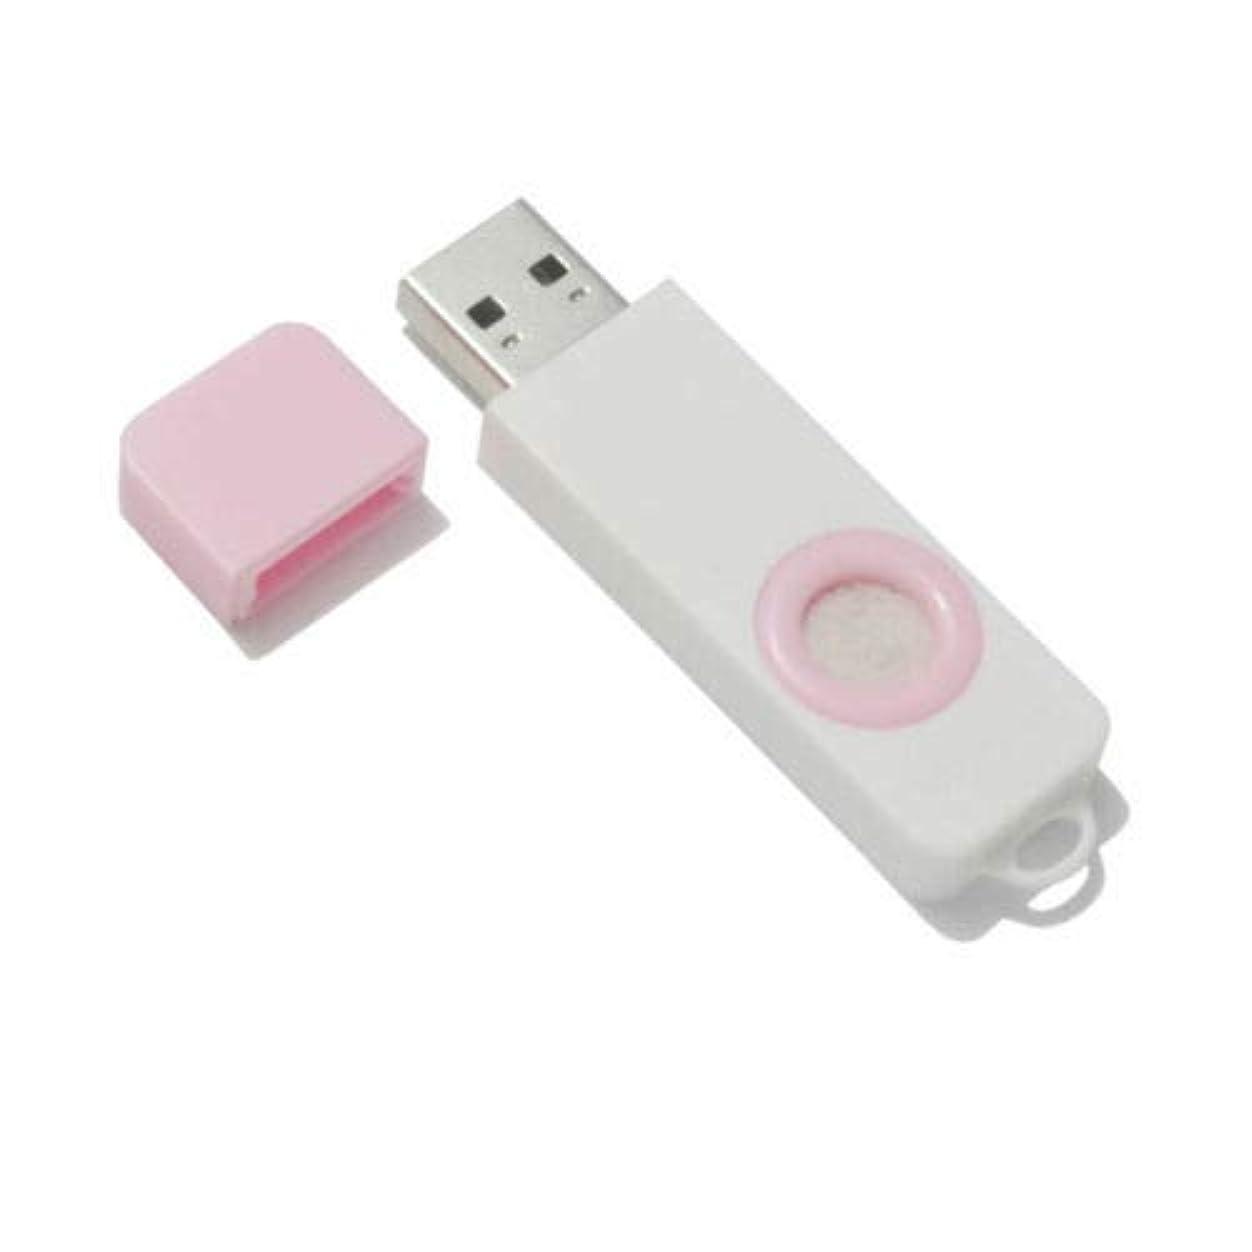 写真を描くクレジット挨拶するFidgetGear Essential Oil Diffuser USB Port Air Freshener Office Home aromatherapy Pink